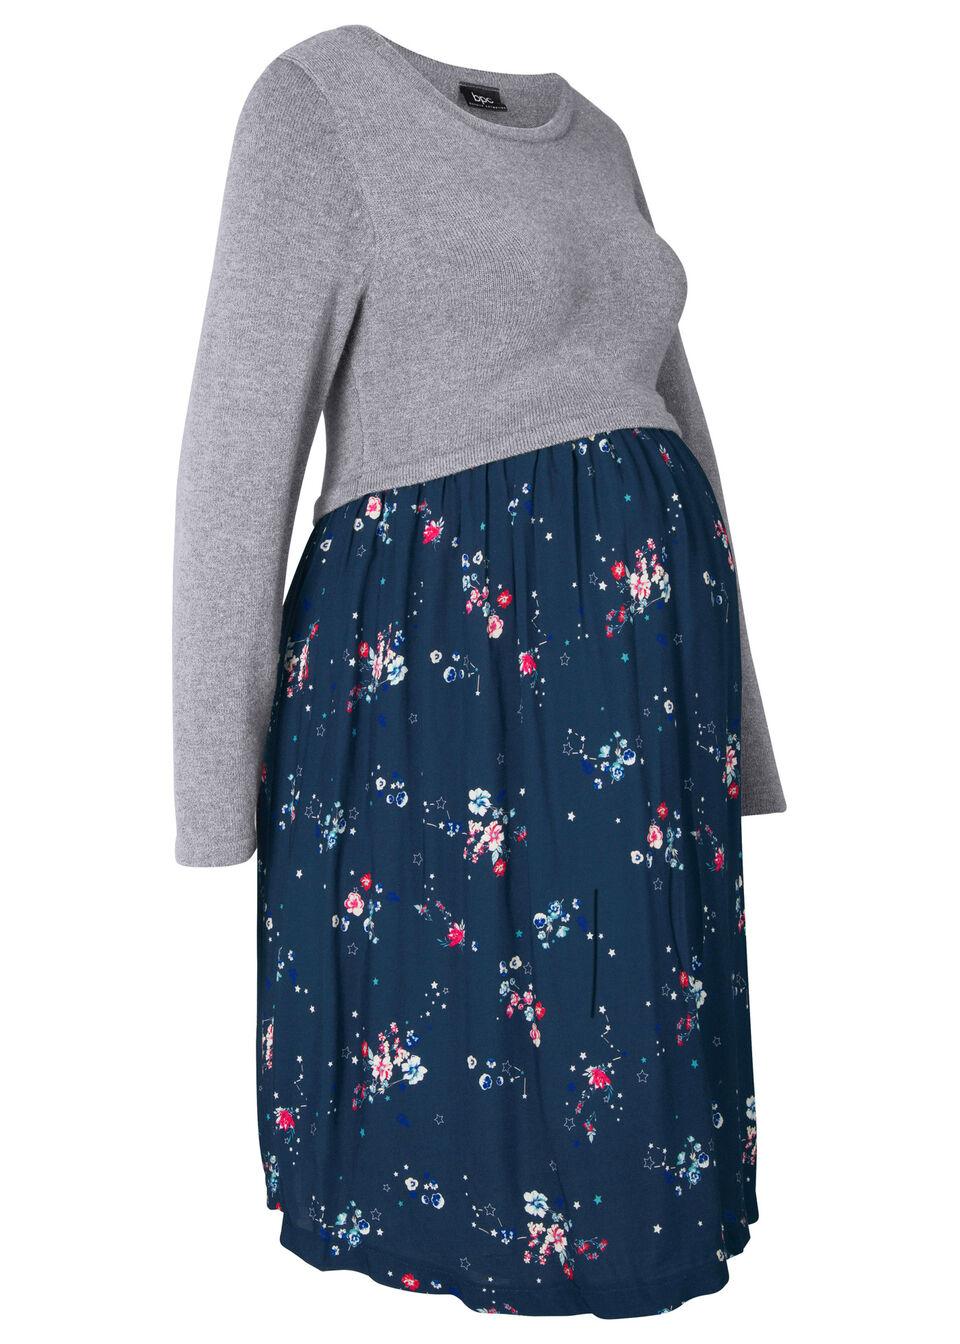 Купить Платья, Платье для беременных, bonprix, серый меланж-темно-синий с принтом